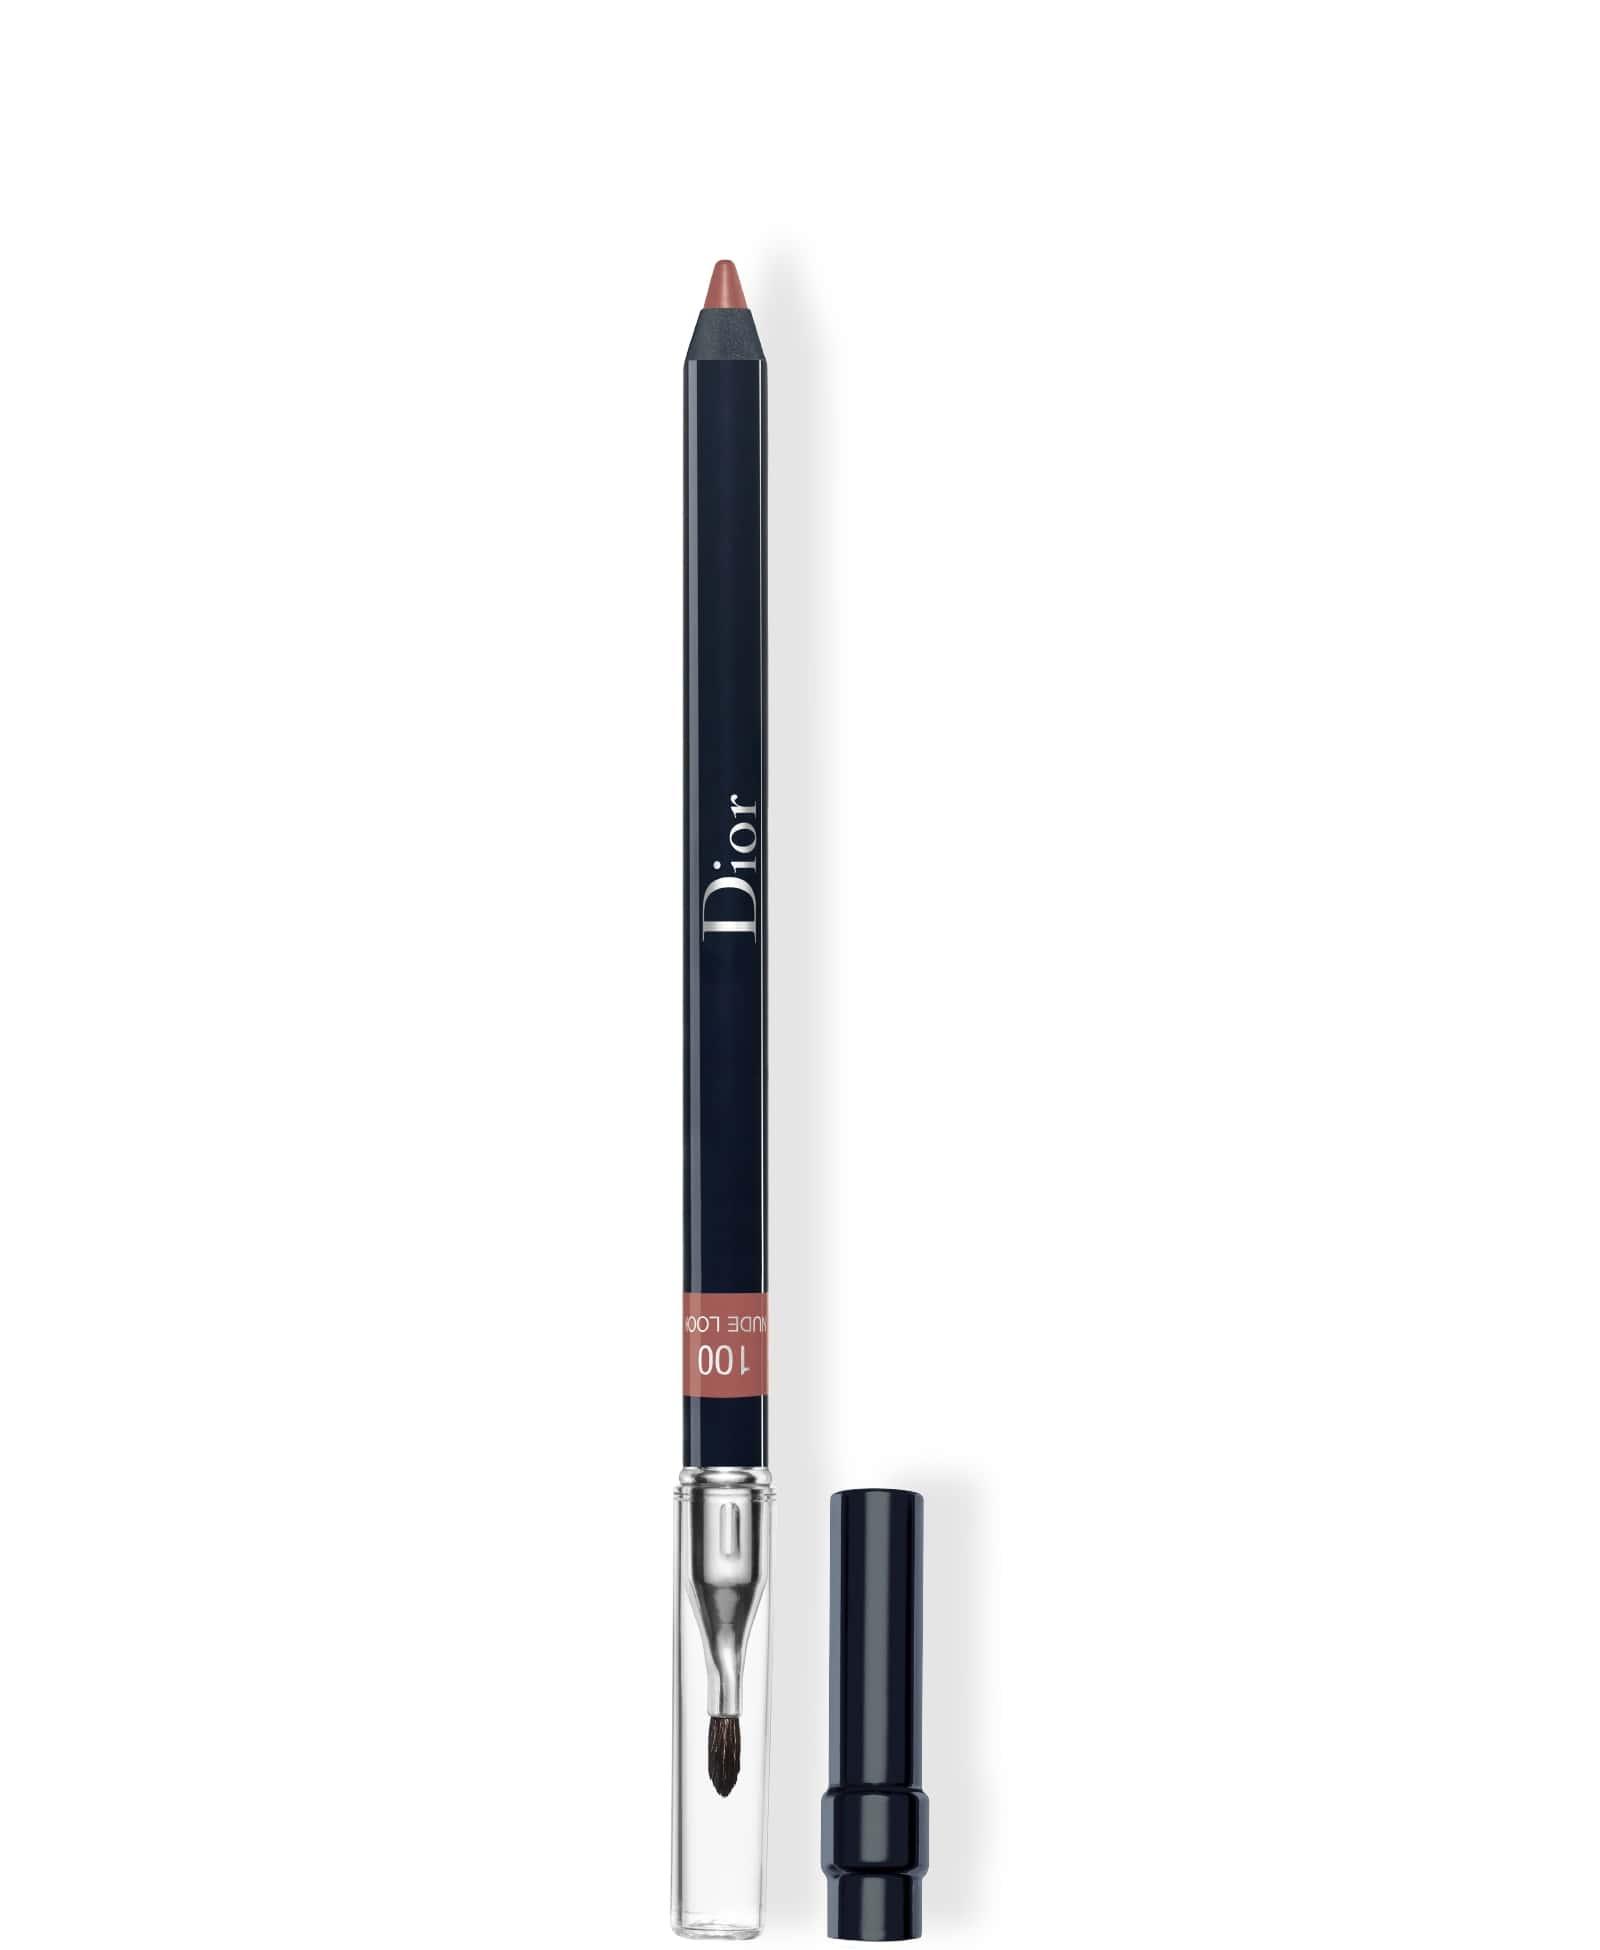 DIOR Contour Lipliner Pencil, 100 nude look